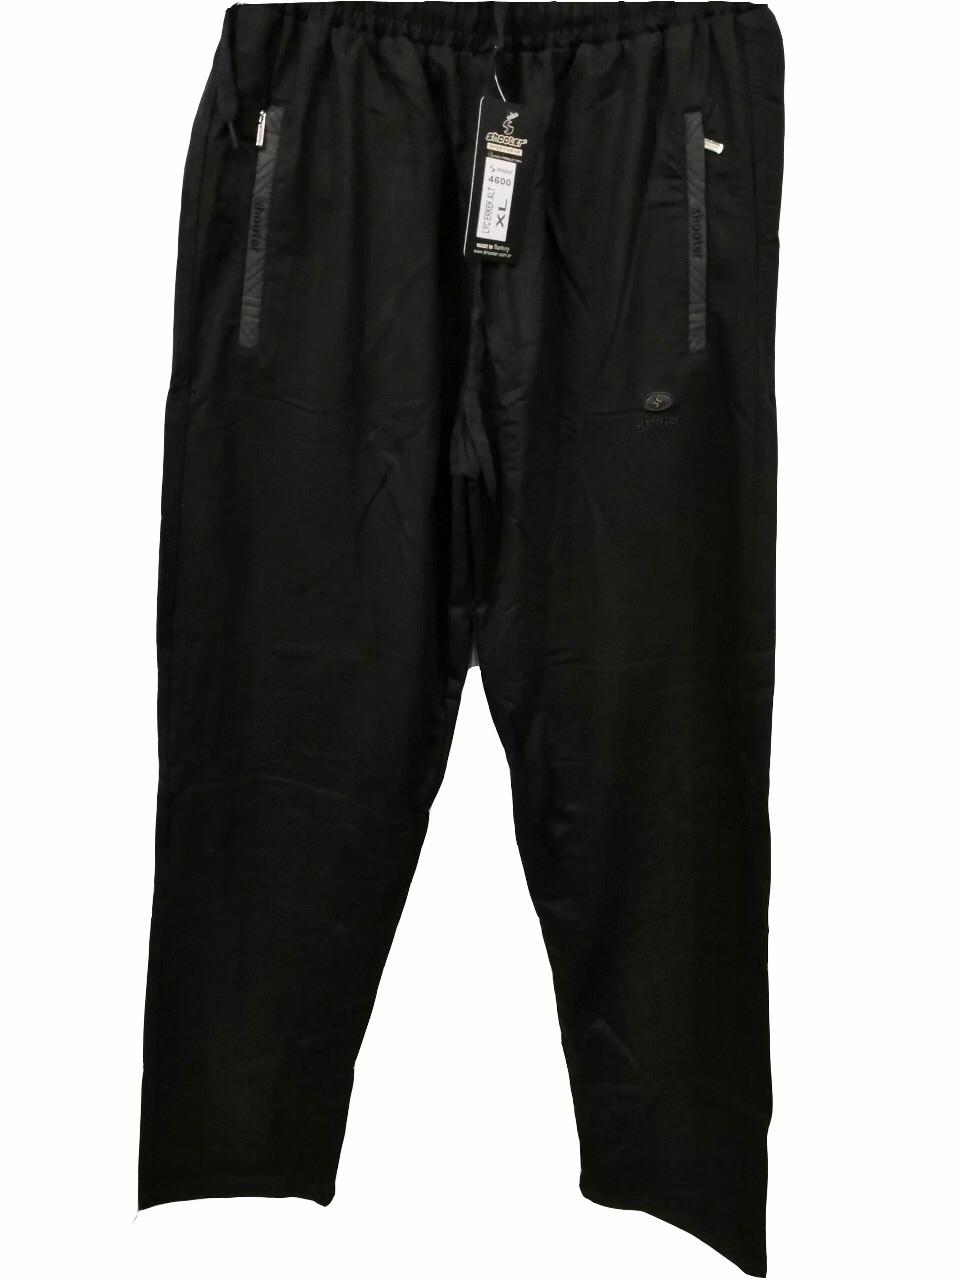 Брюки мужские трикотажные Shooter спортивные штаны Шутер турецкого производства